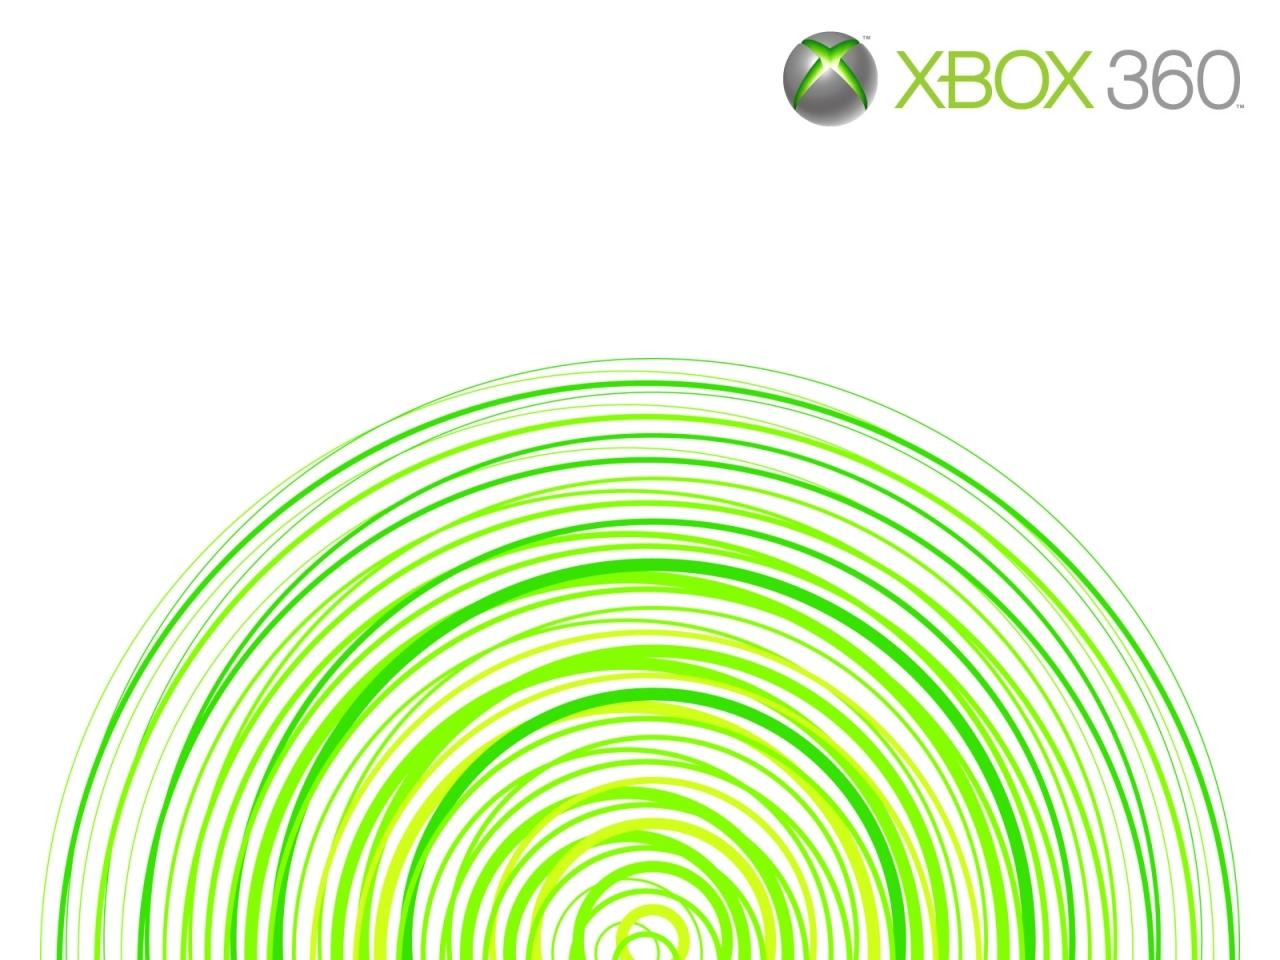 XBOX 360 Fondos de pantalla gratis 1280x960